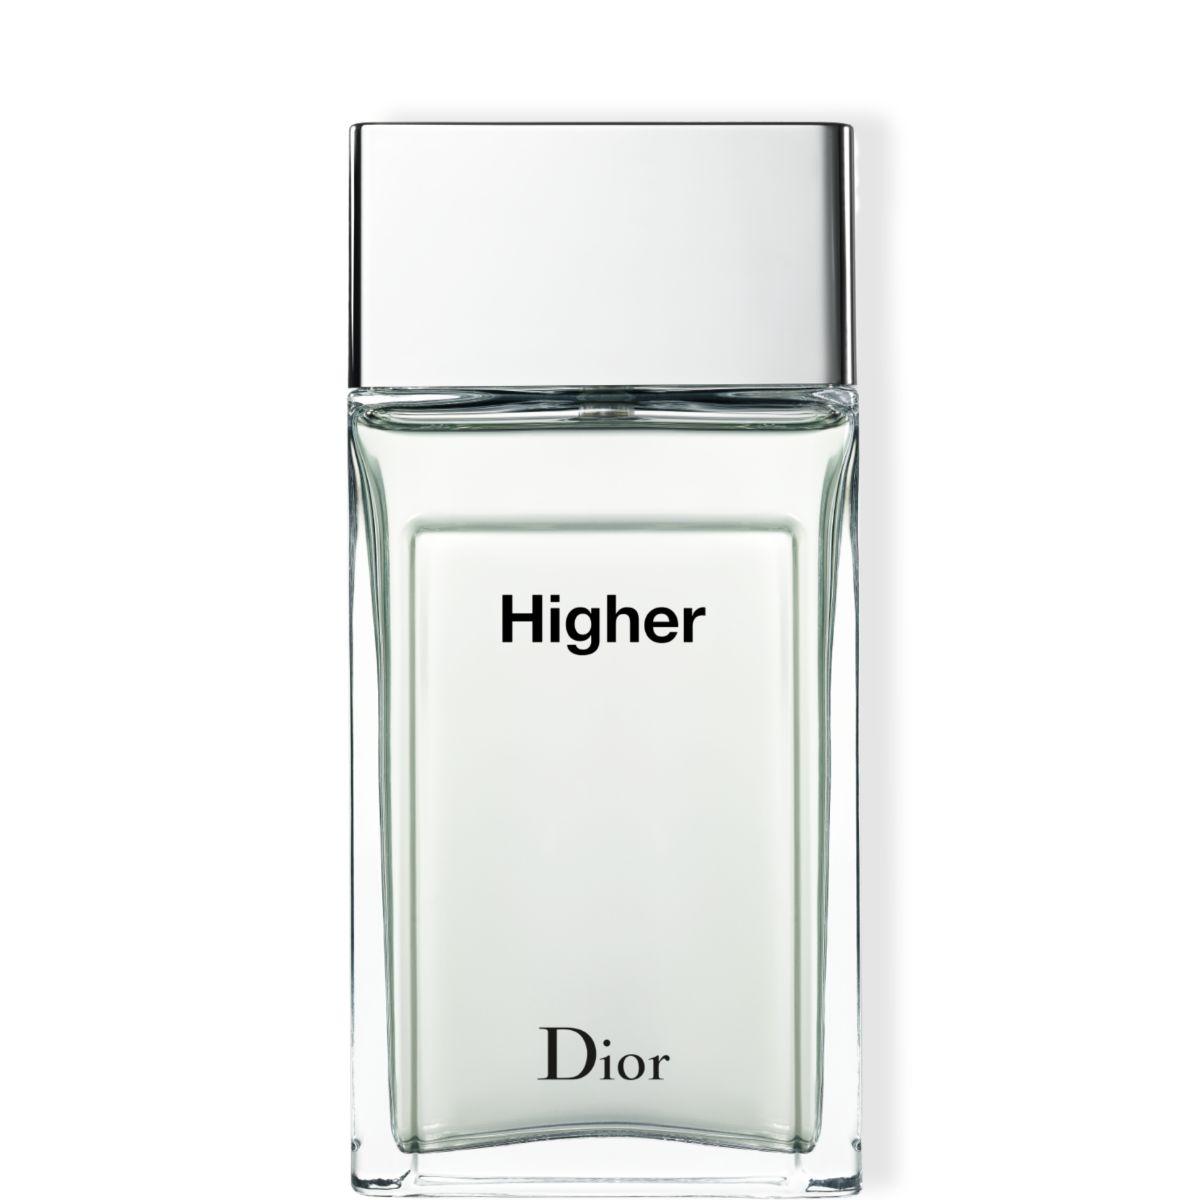 Dior - Higher - Eau de Toilette